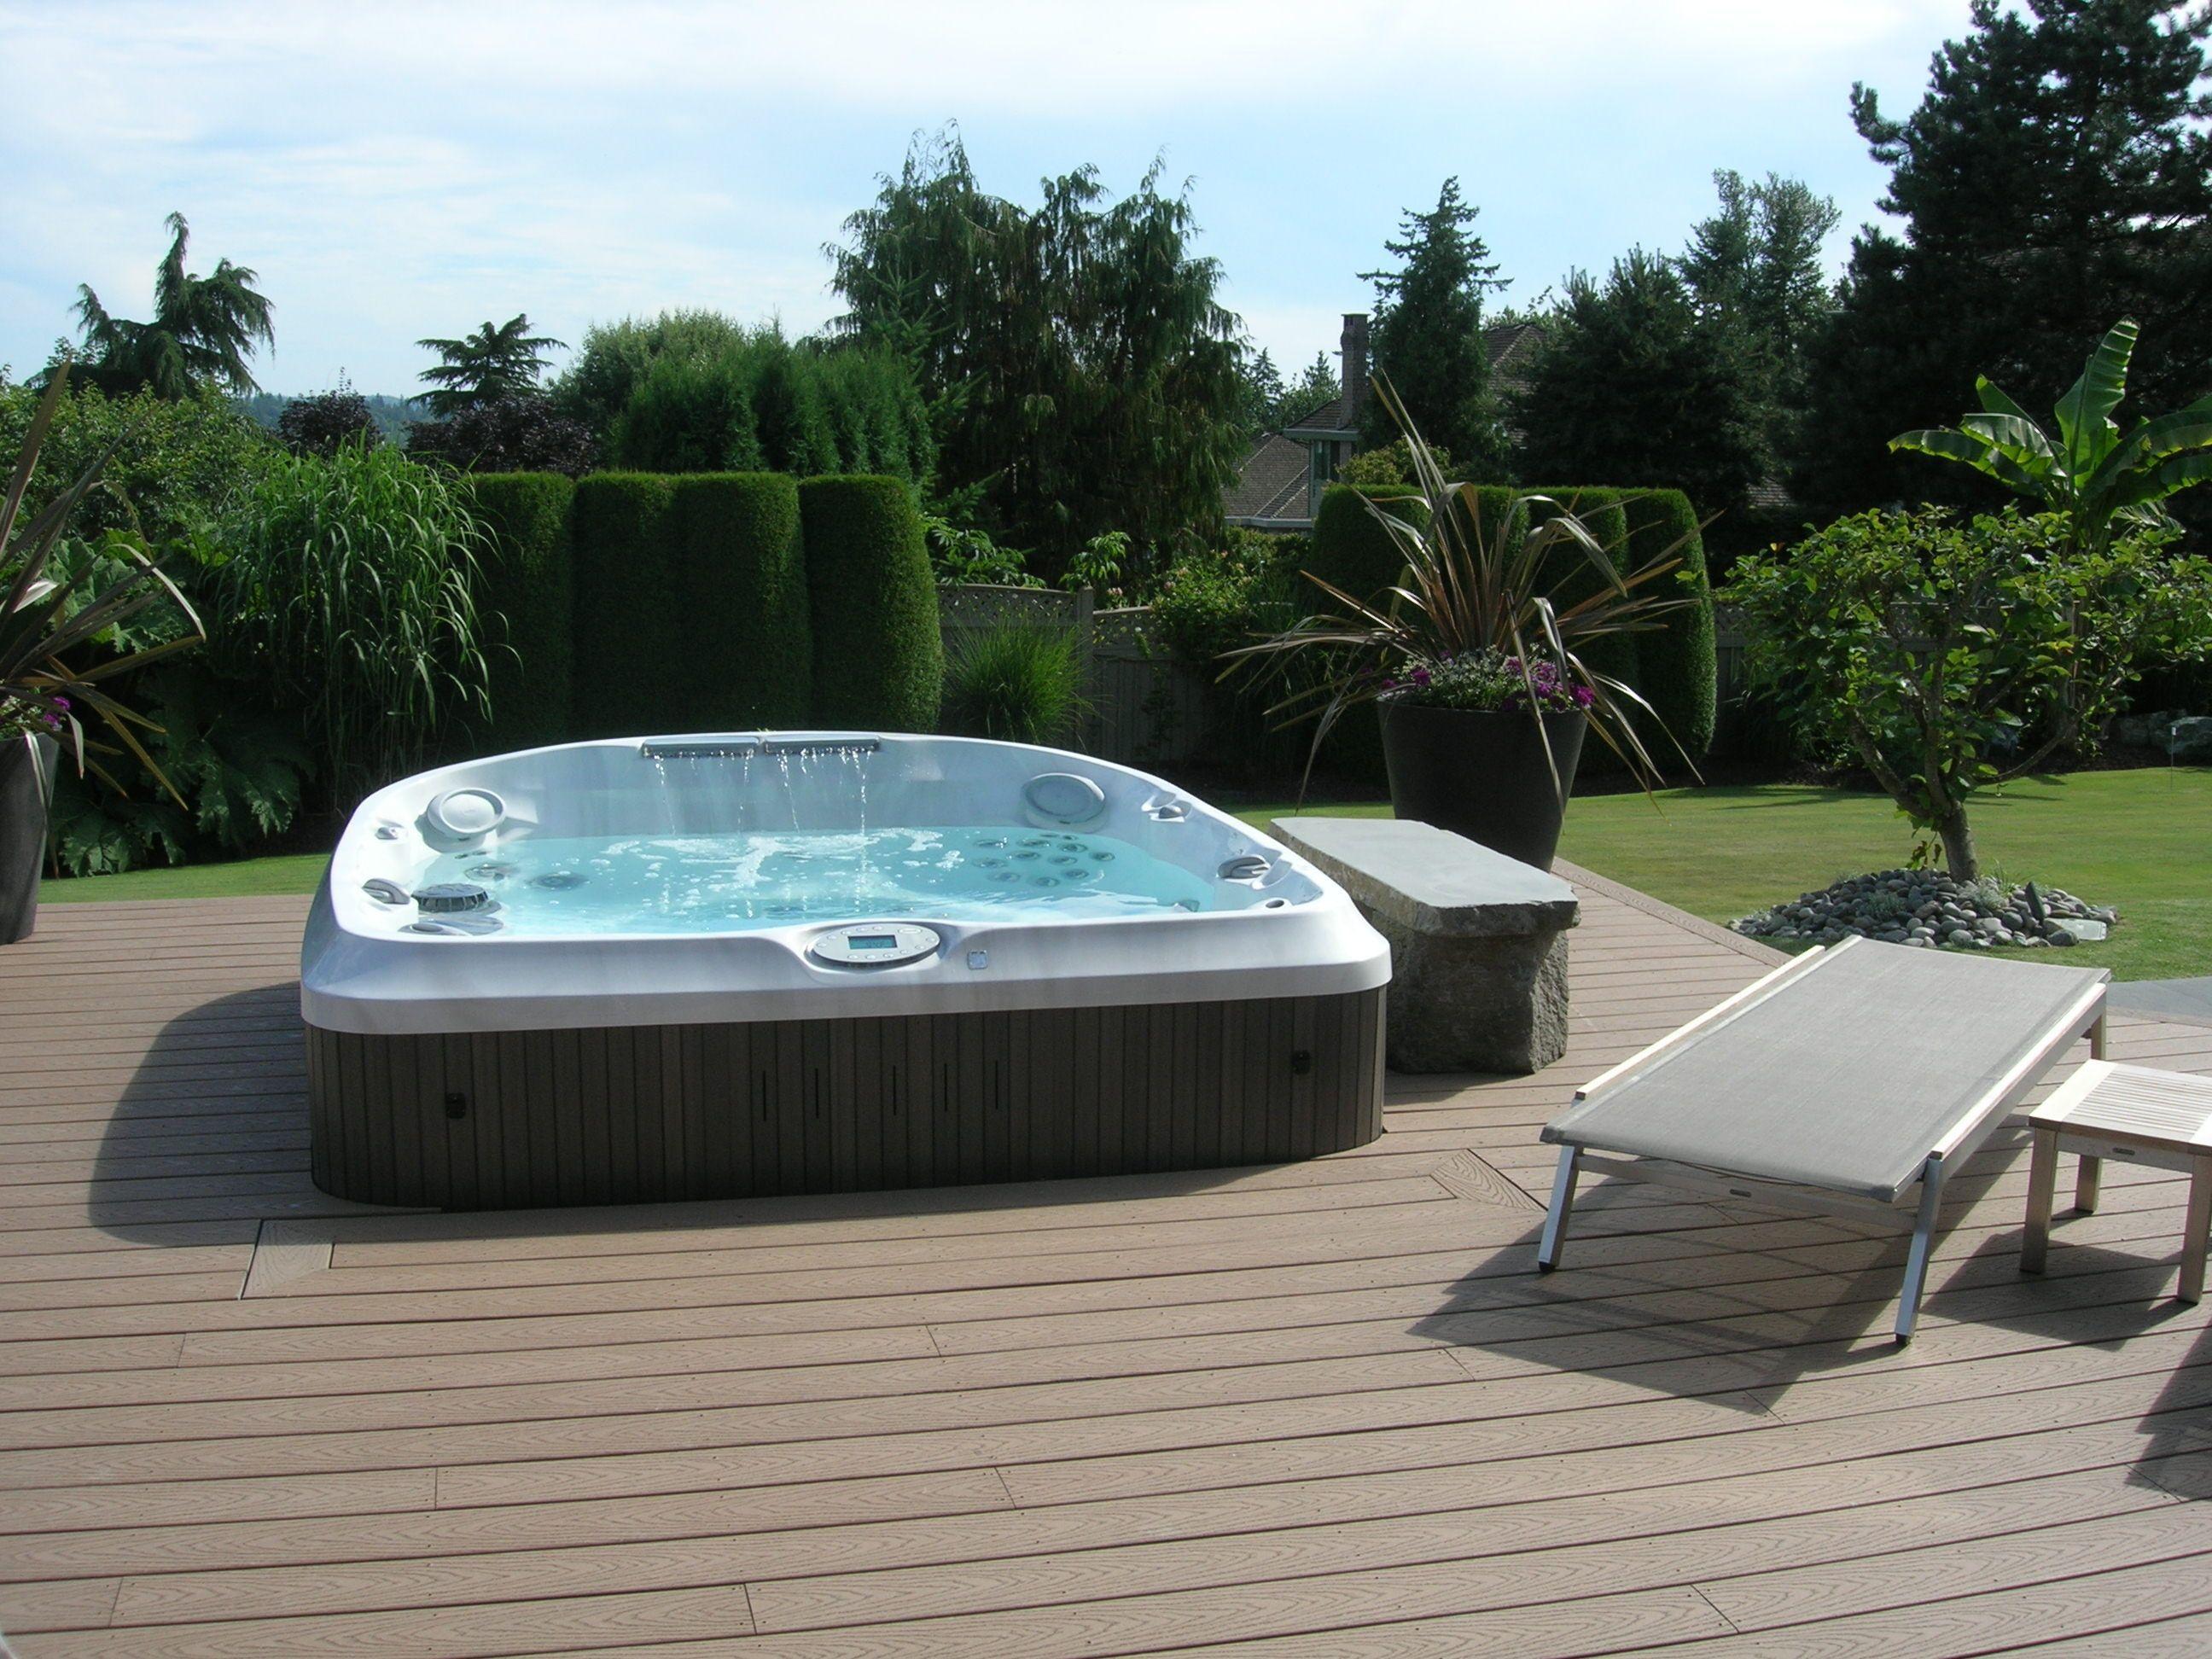 Un spa jacuzzi® semi-encastré dans une terrasse en bois #spa ...